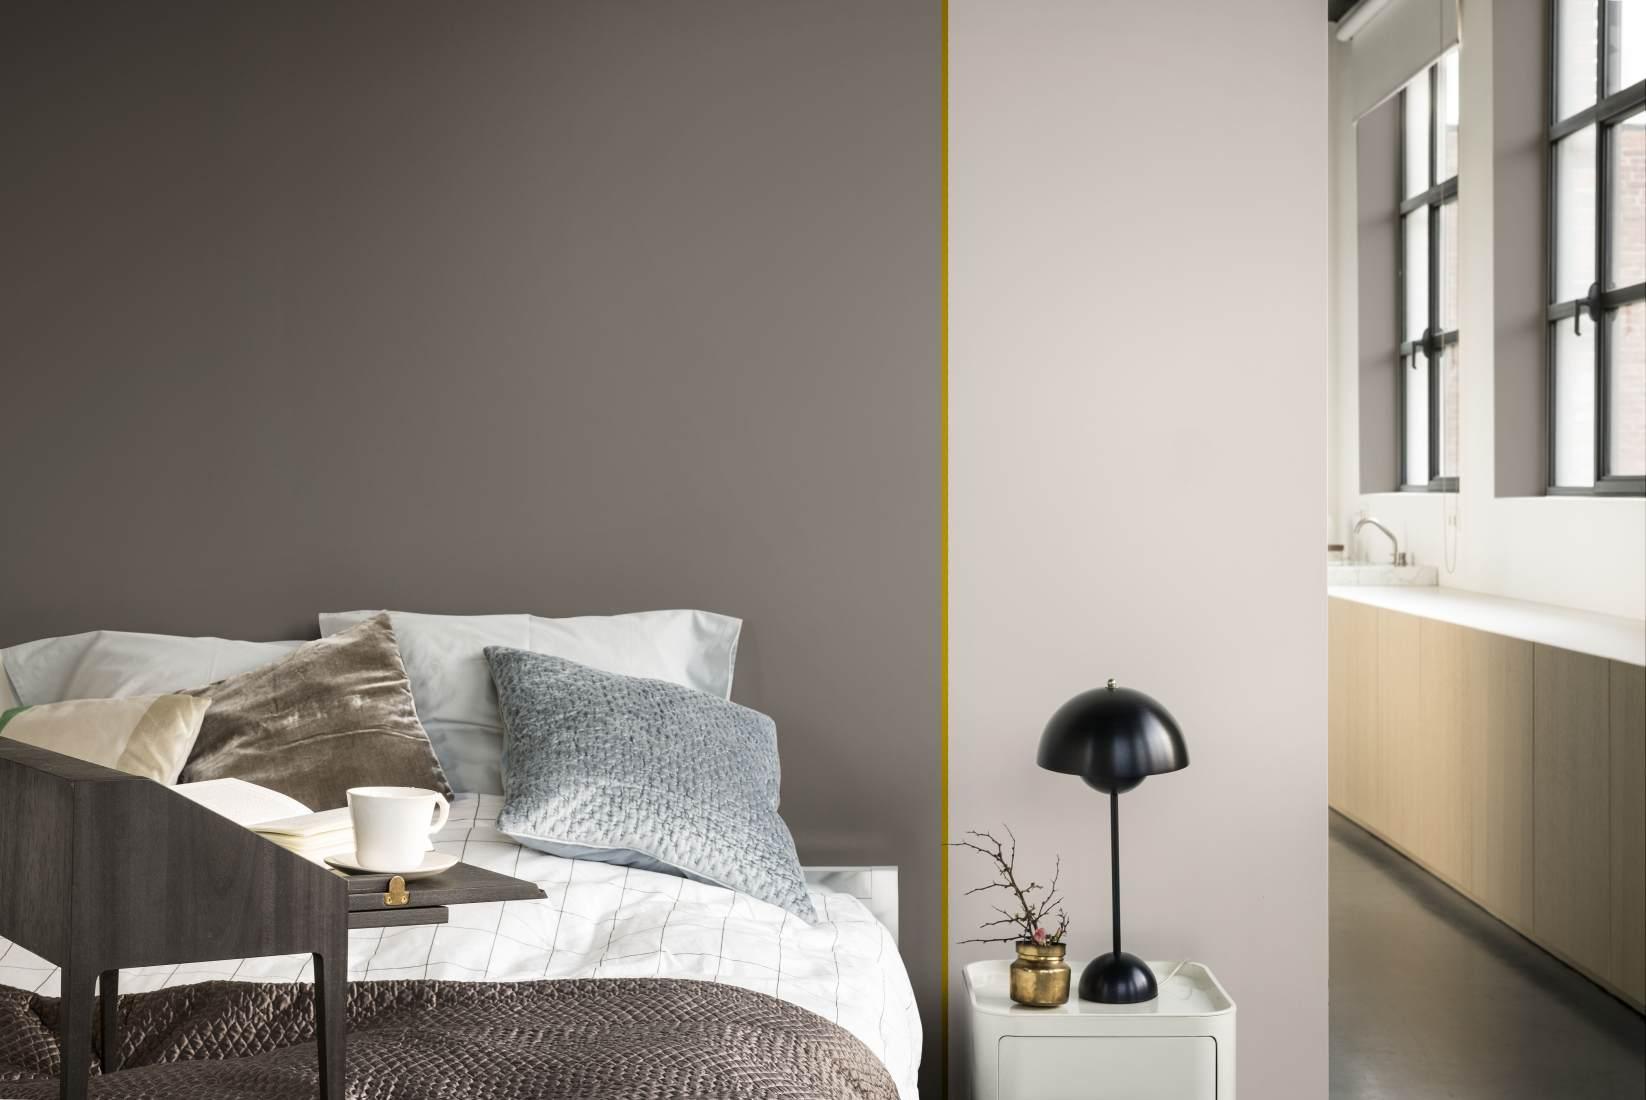 Ootamatult huvitav on magamistoas voodi ja kummuti vahel kuldse alatooniga vertikaalne joon, mis annab neutraalsele ruumile palju juurde.